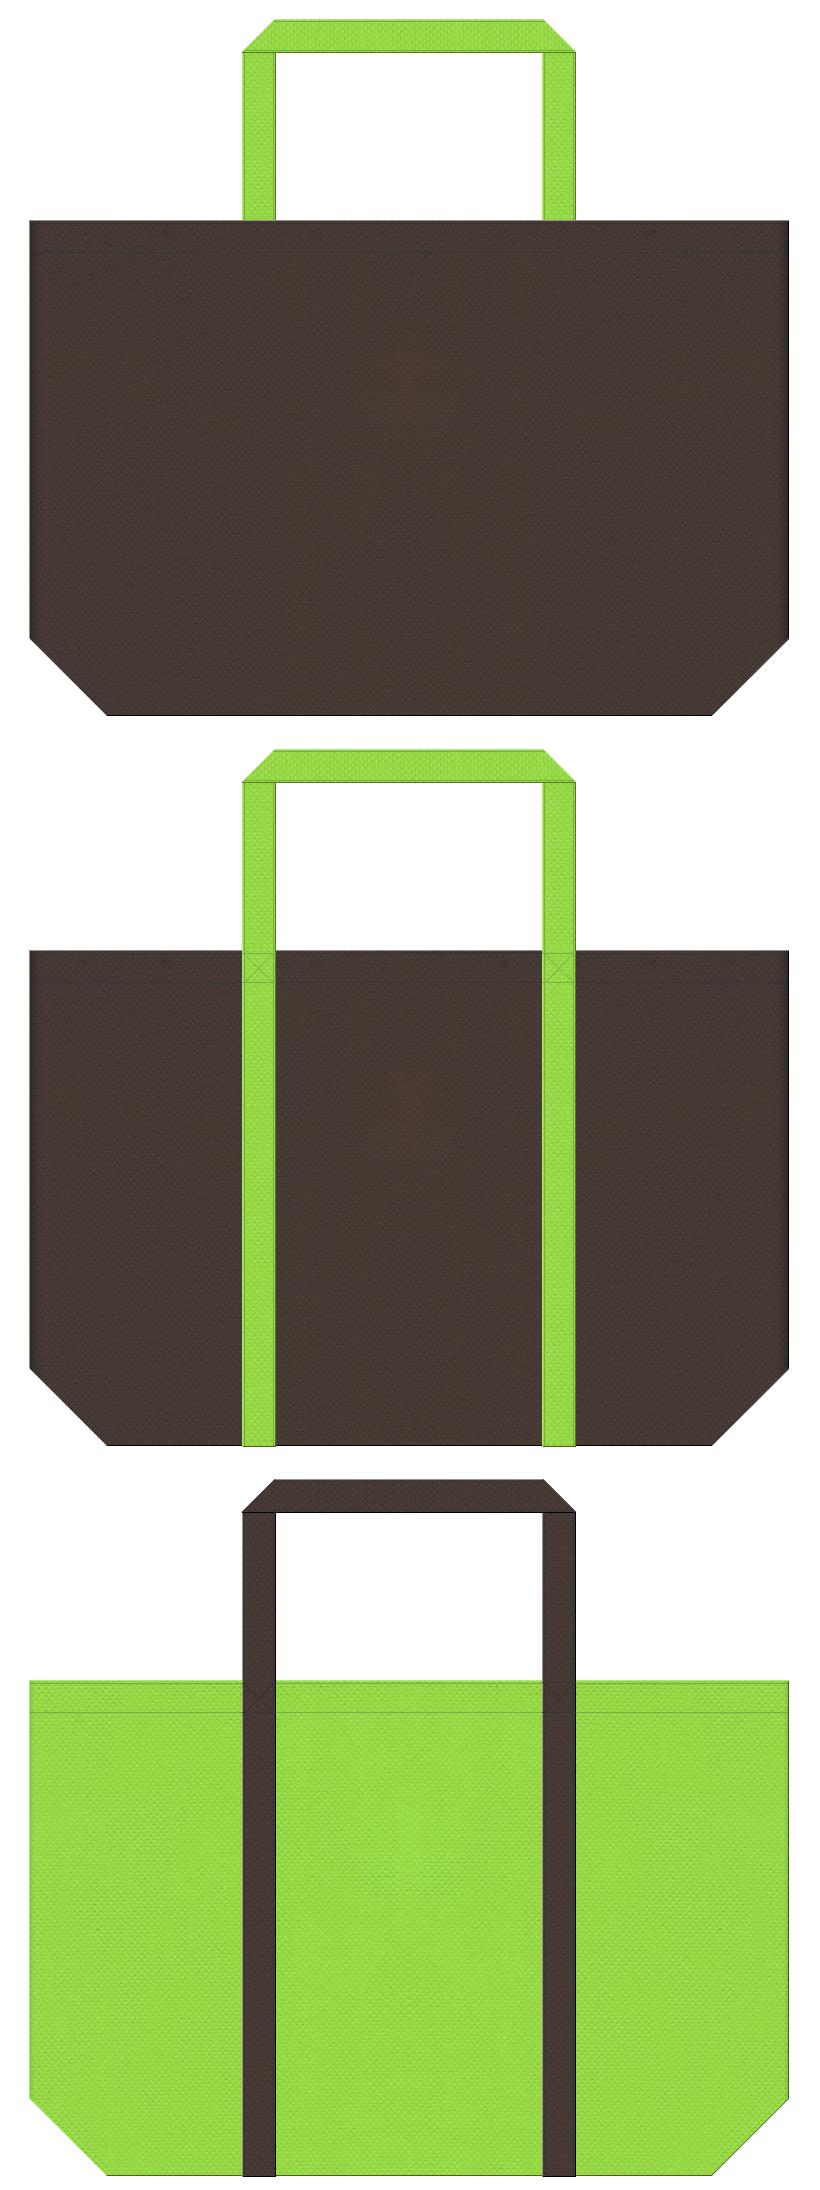 屋上緑化・壁面緑化・環境セミナー・CO2削減・エコイベント・植物園・観葉植物・畑・田んぼアート・種苗・肥料・農業イベント・牧場イベント・産直市場・ガーデニング・園芸用品のショッピングバッグバッグにお奨めの不織布バッグデザイン:こげ茶色と黄緑色のコーデ